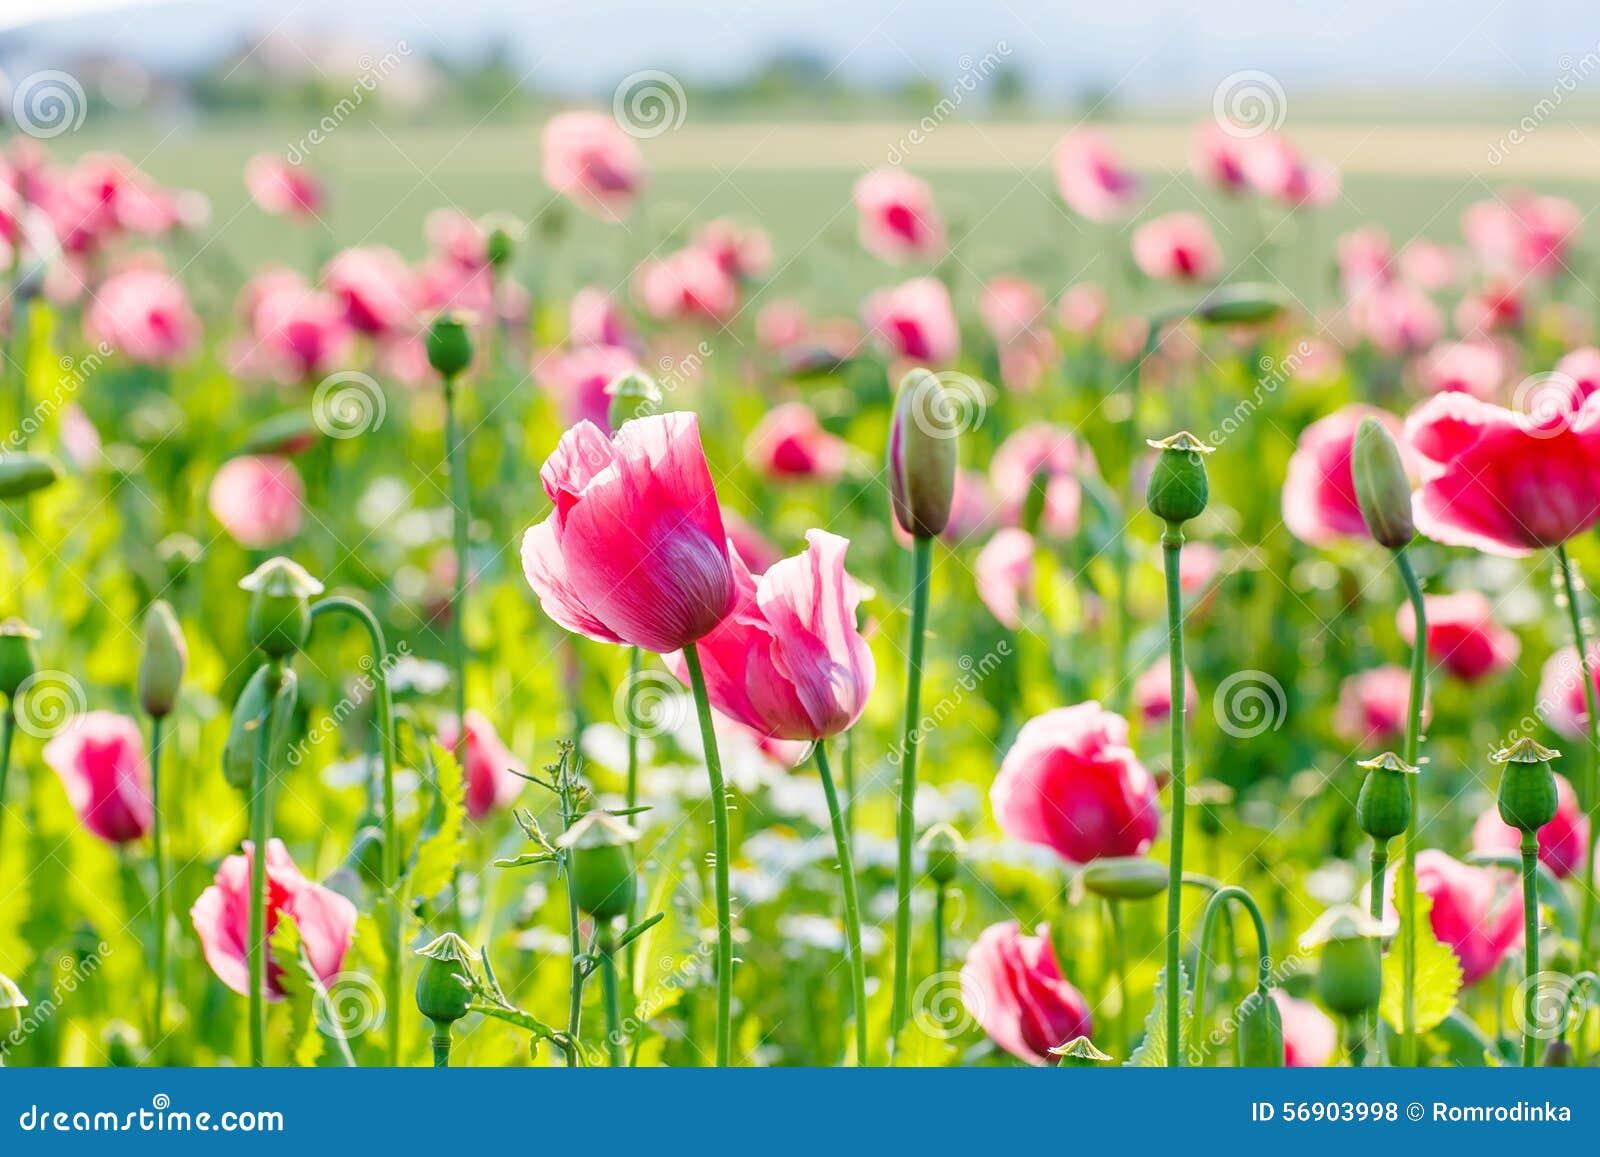 Ρόδινη ανθίζοντας παπαρούνα, τεράστιος τομέας των ανθίζοντας λουλουδιών